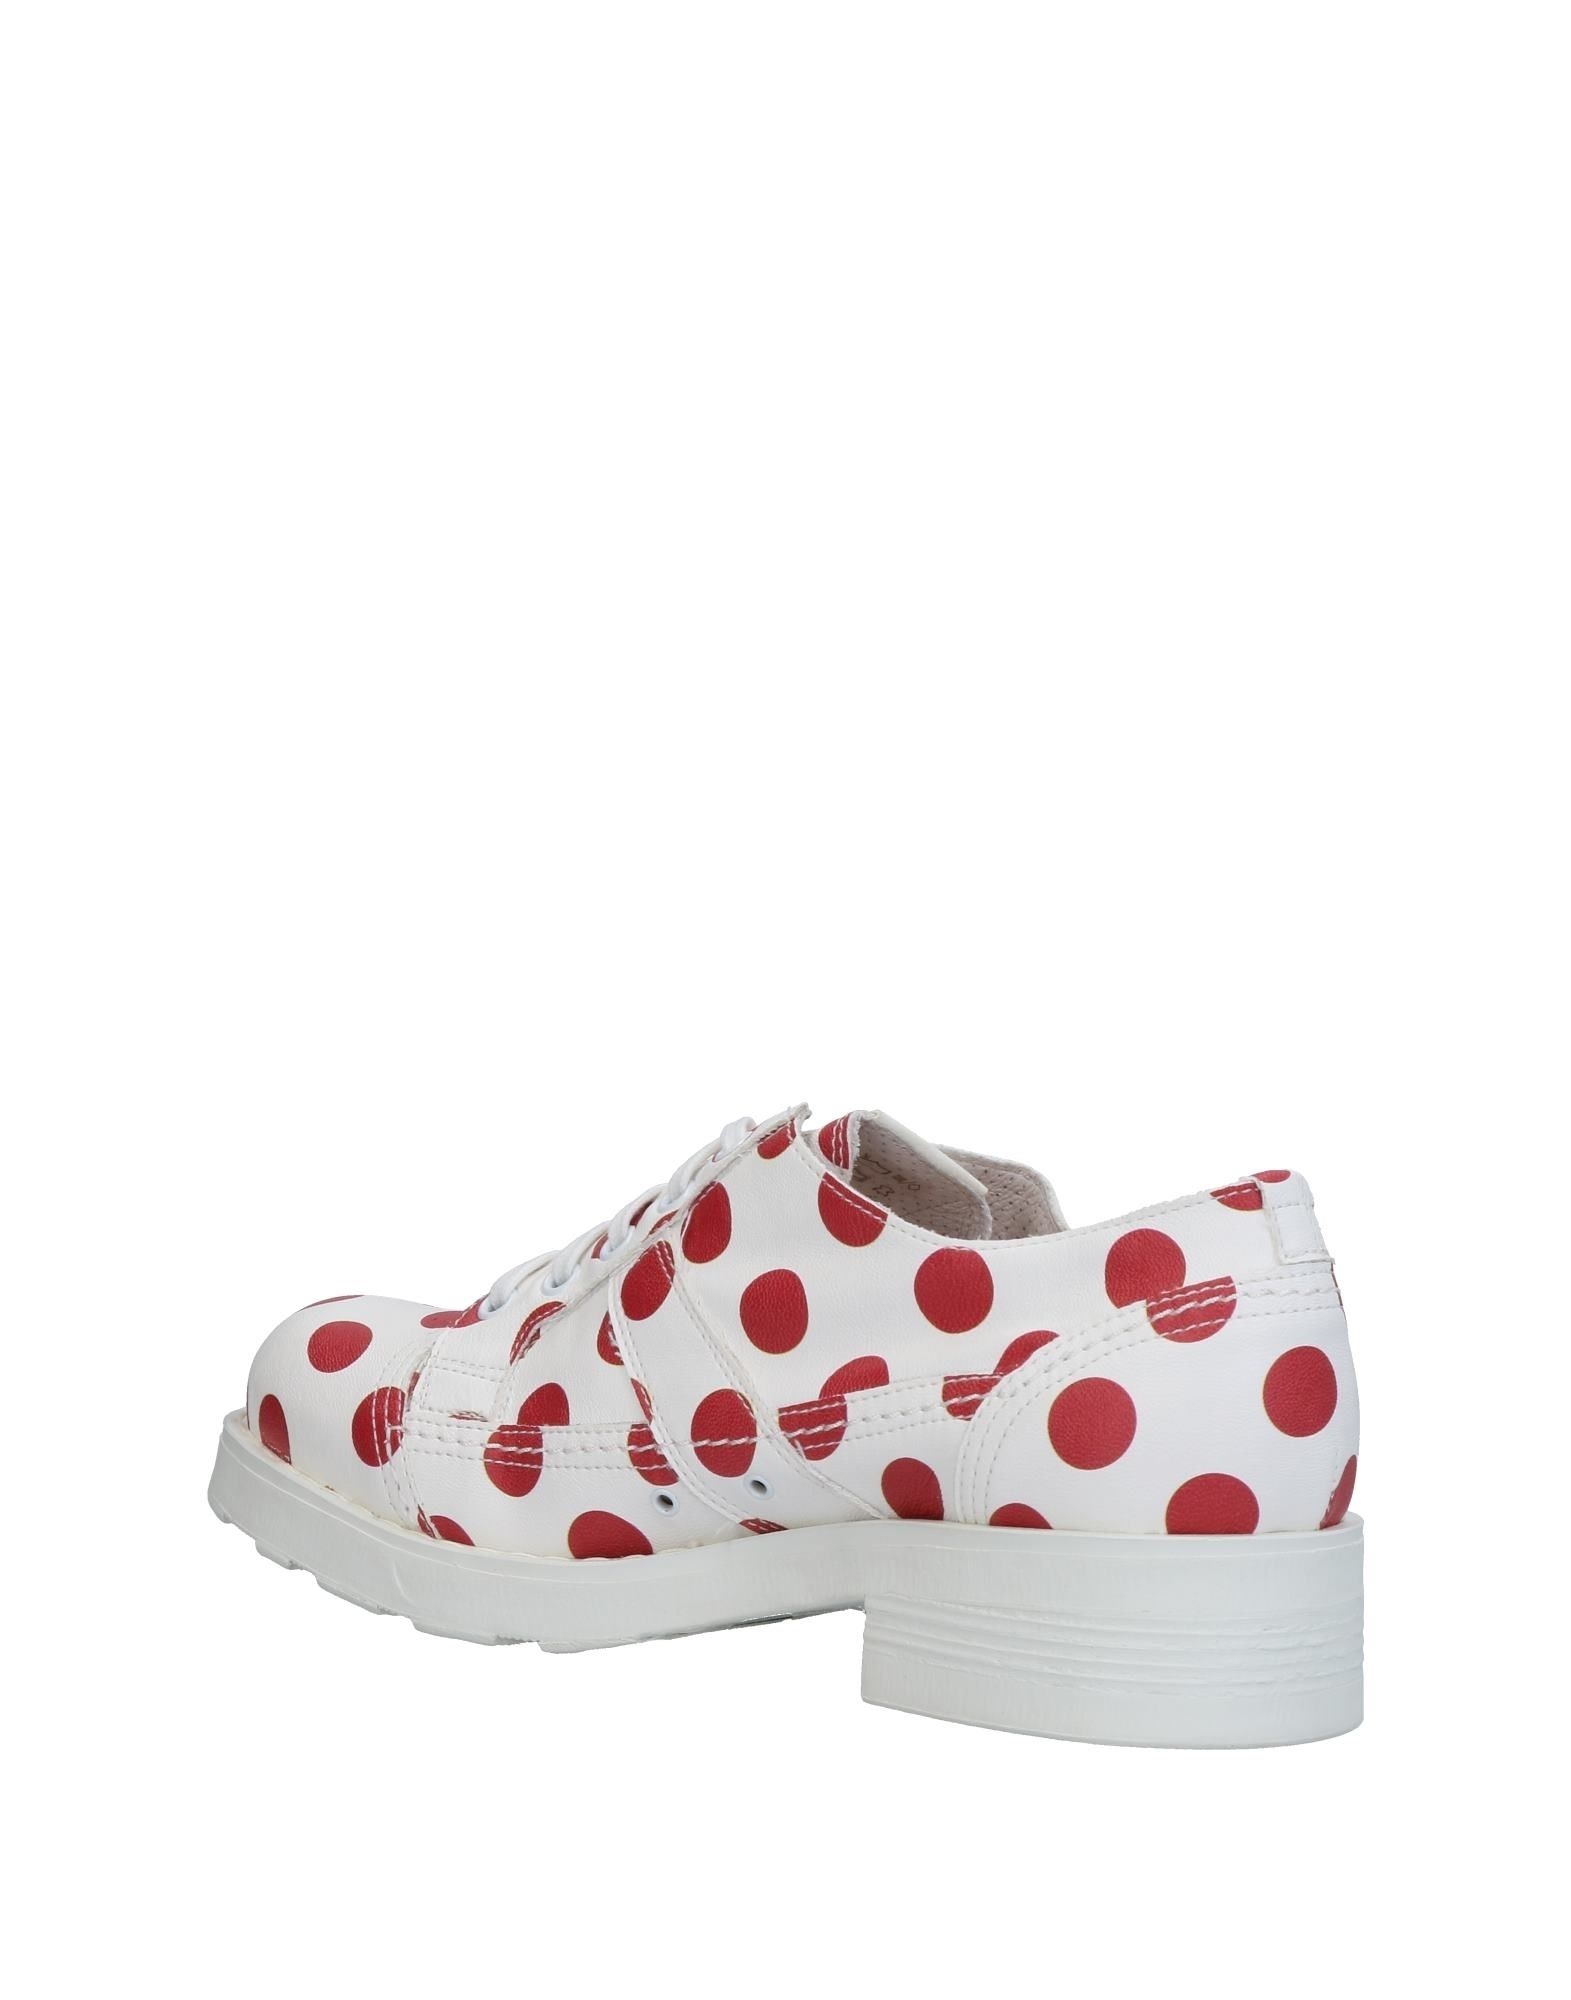 O.X.S. Schnürschuhe Damen  11119542HI Gute Qualität beliebte Schuhe